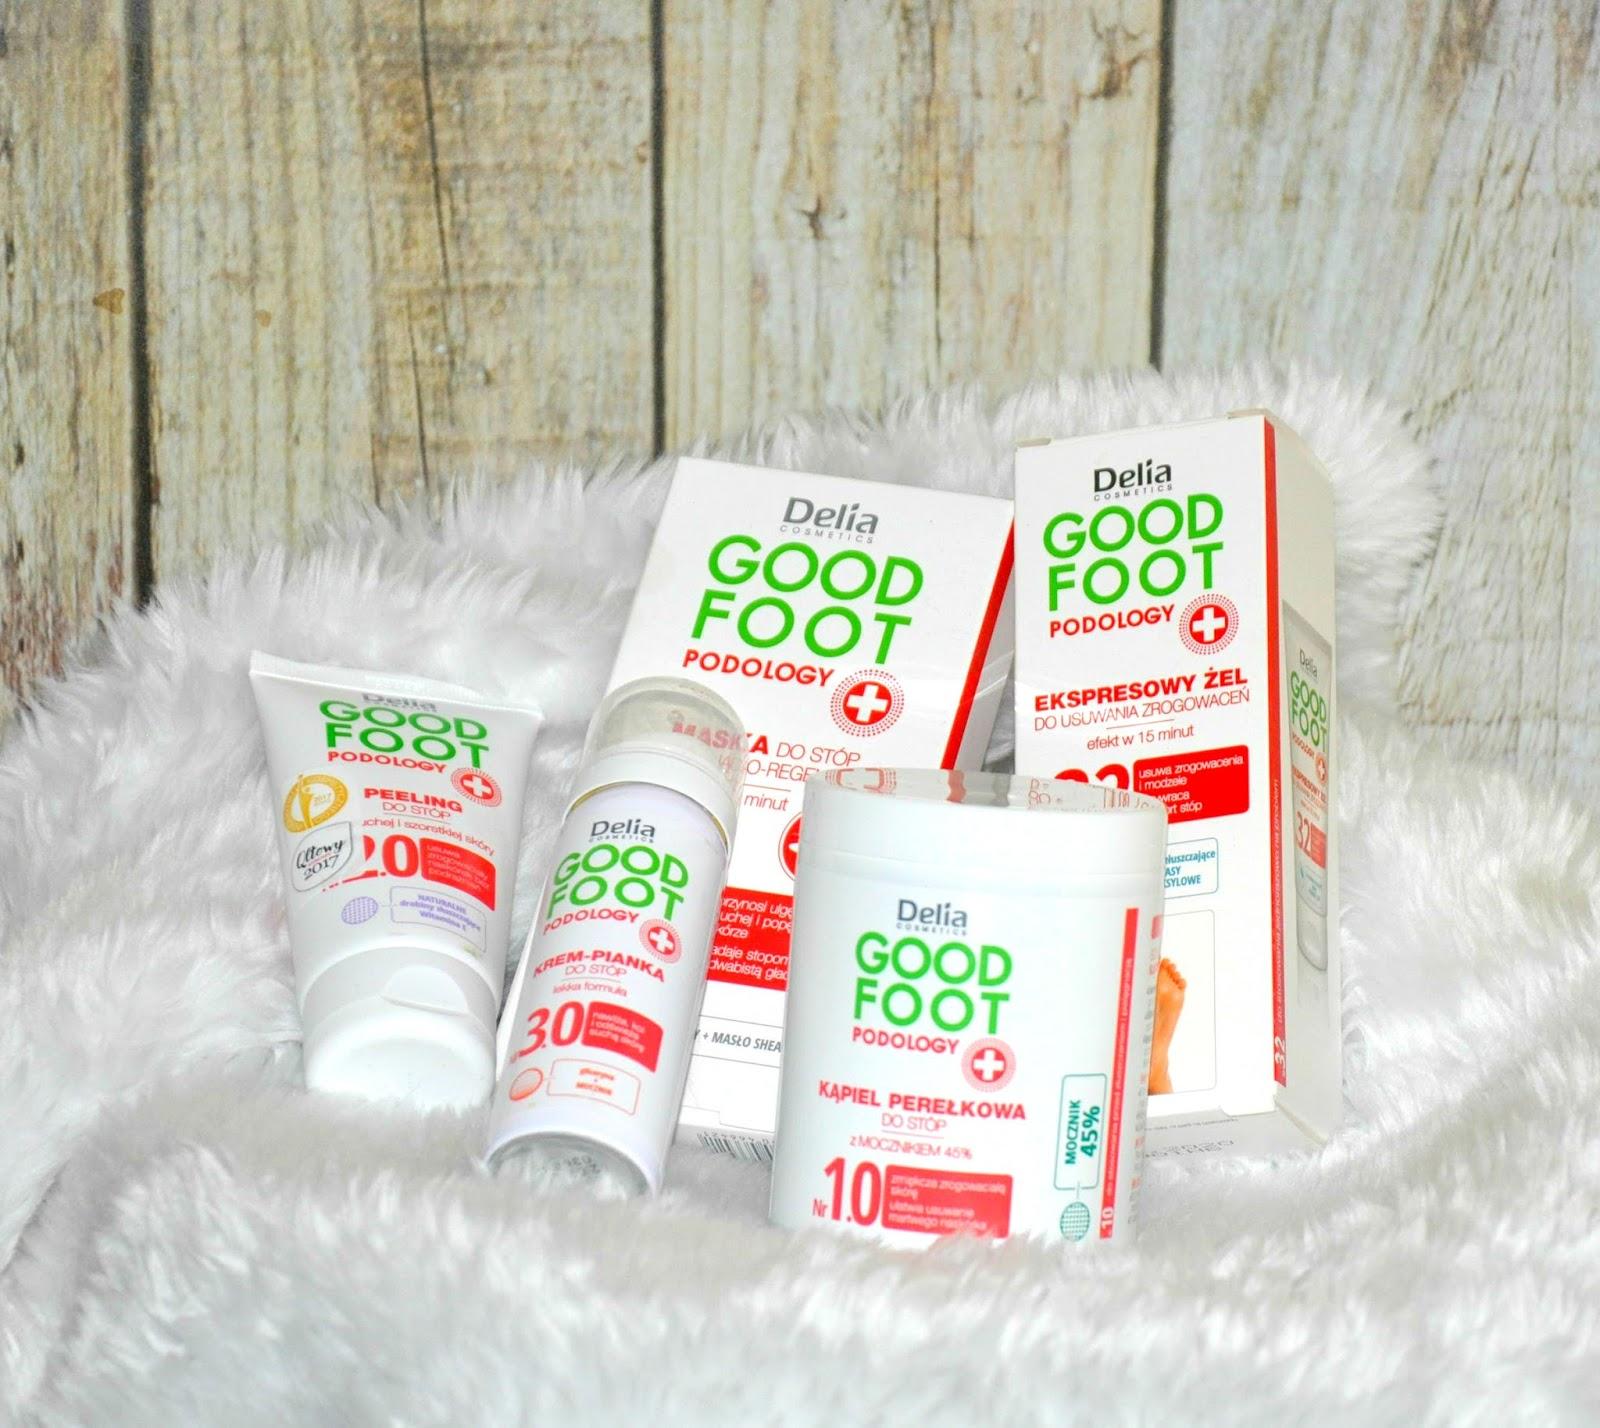 Kto tego lata systematycznie dbał o stopy ? No kto ?! Marta !  Przez ostatnie tygodnie systematycznie pielęgnowałam stopy, aby bez wstydu założyć sandały, które uwidaczniają całą stopę. Bardzo pomogła mi w tym seria kosmetyków Good Foot Podology marki Delia Cosmetics. W jej skład wchodzi kilka produktów: - kąpiel perełkowa z mocznikiem 45% - peeling do stóp dla suchej i szorstkiej skóry - krem-pianka do stóp - maska do stóp wygładzająco - regenerująca - ekspresowy żel do usuwania zrogowaceń  Aby dostrzec właściwości pielęgnacyjny wszystkich cukiereczków z tej serii należy należy stopy namoczyć. I tu z pomocą przychodzi kąpiel perełkowa z mocznikiem. Po otworzeniu opakowania pojawia się dość intensywny, odświeżający zapach. Wewnątrz znajduje się mnóstwo malutkich, zielonych perełek. Należy wsypać niewielką ilość do miski z ciepłą wodą i moczyć stopy przez kilka minut. Efekt ?  Stopy stają się gładkie, skóra staje się miękka i nawilżona. Aby doprowadzić stopy do perfekcyjnej kondycji należy pozbyć się zrogowaceń i twardego naskórka i tu z pomocą przychodzi niezawodna pilerka marki MiaCalnea. Perełki zamknięte są w plasikowym opakowaniu o pojemności 200 g. Jest to bardzo wydajny produkt: Składniki aktywne: - mocznik 45%  Kolejnym etapem jest PEELING. Wewnątrz plastikowej tubki znajduje się mnóstwo dość ostrych drobinek. Wystarczy niewielka ilość aby rozprowadzić kosmetyk na powierzchni stóp. W czasie aplikacji masuje stopy, co jest bardzo przyjemnym etapem pielęgnacji. Po wykonaniu zabiegu stają się gładziutkie, miękkie i przyjemne w dotyku. Co jest dla mnie dowodem, że spełnia powierzone mu działanie. Jest to produkt bardzo wydajny. Kosztuje około 13 zł. Kosmetyk zamknięty jest w miękkiej tubce o pojemności 60 ml. Składniki aktywne: - Naturalne drobinki złuszczające z pestek moreli, łupin orzecha włoskiego i migdałowca. - Allantoina. - Gliceryna. - Masło Shea. - Witamina E. - Ekstrakt z dzikiej wodnej mięty.   Następnie nakładam na stopy krem w piance z tej samej seri